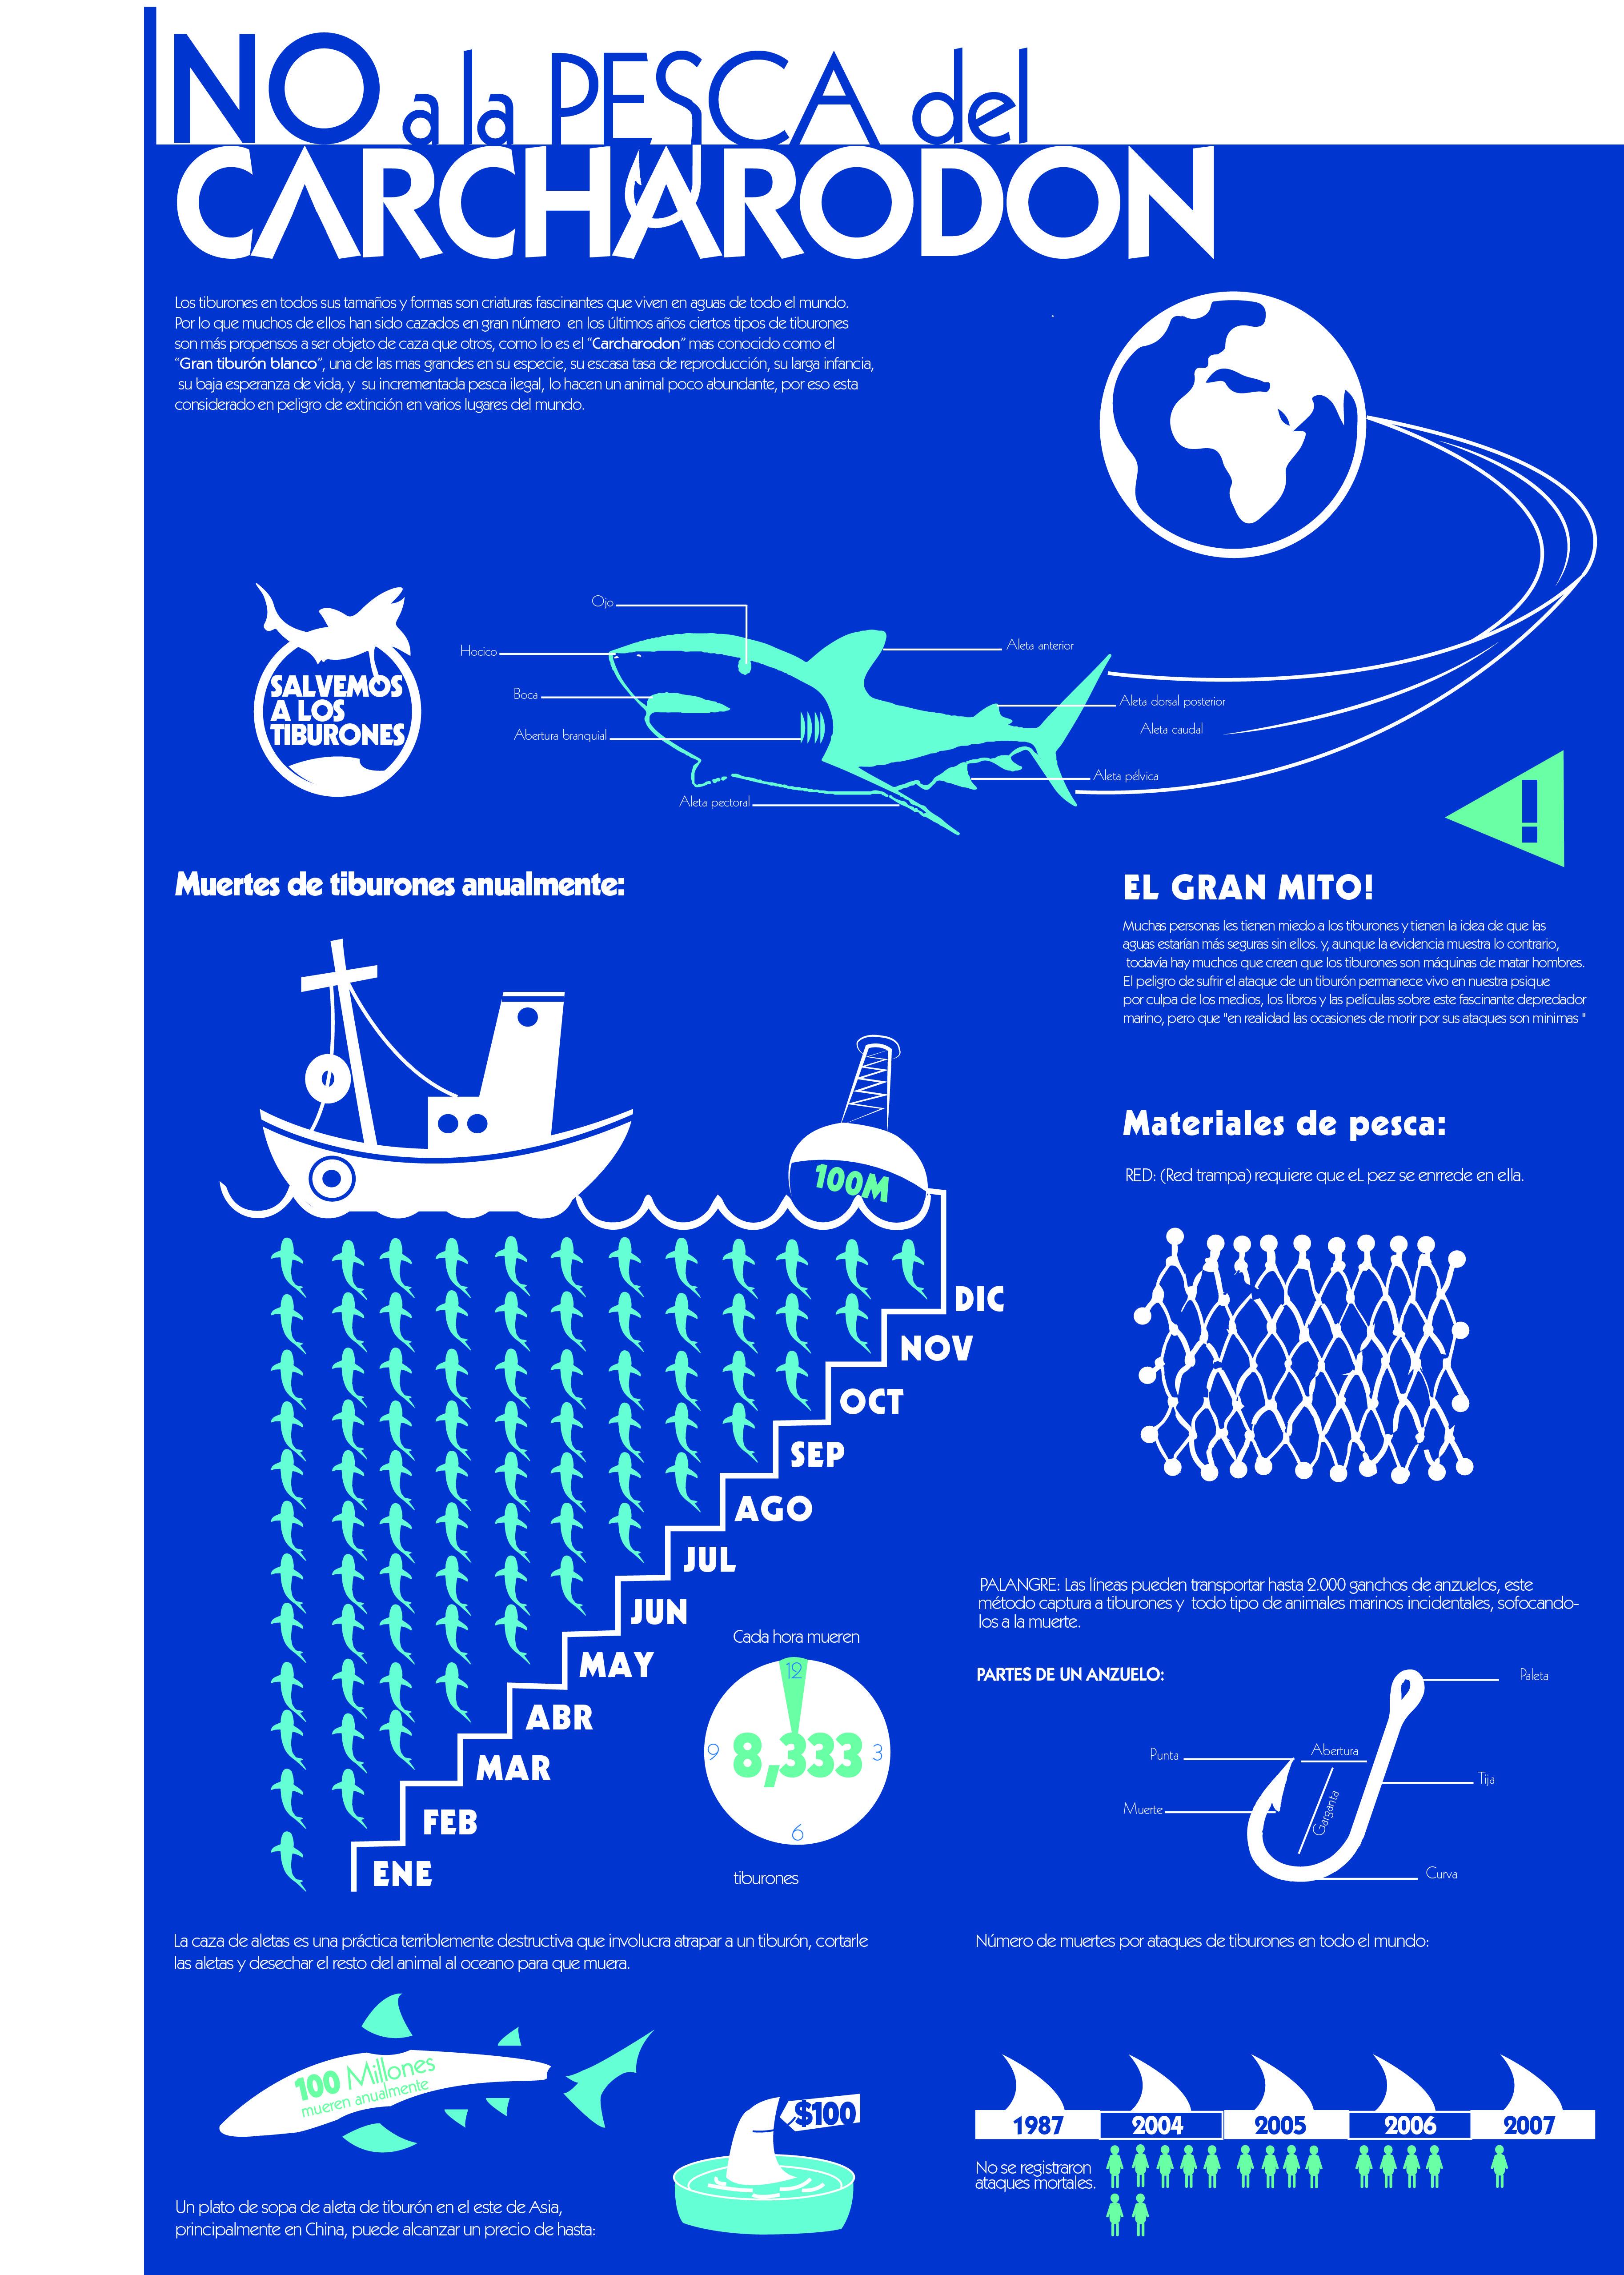 #Infografia #Shark #NoALaPescaDelCacharodon